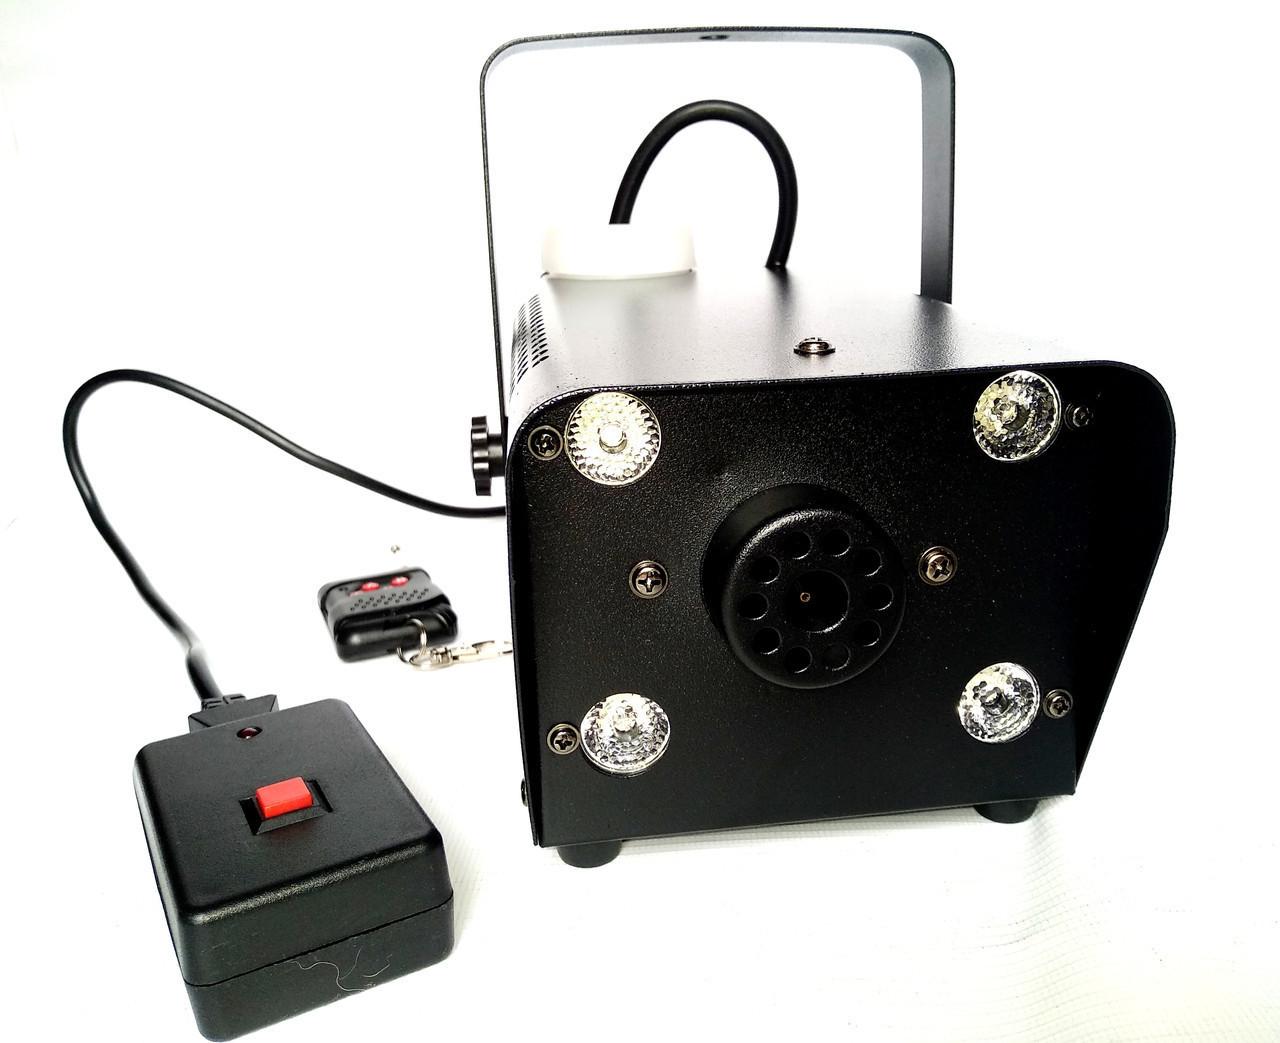 Дым машина 400 Вт с подсветкой и пультом управления Dzyga